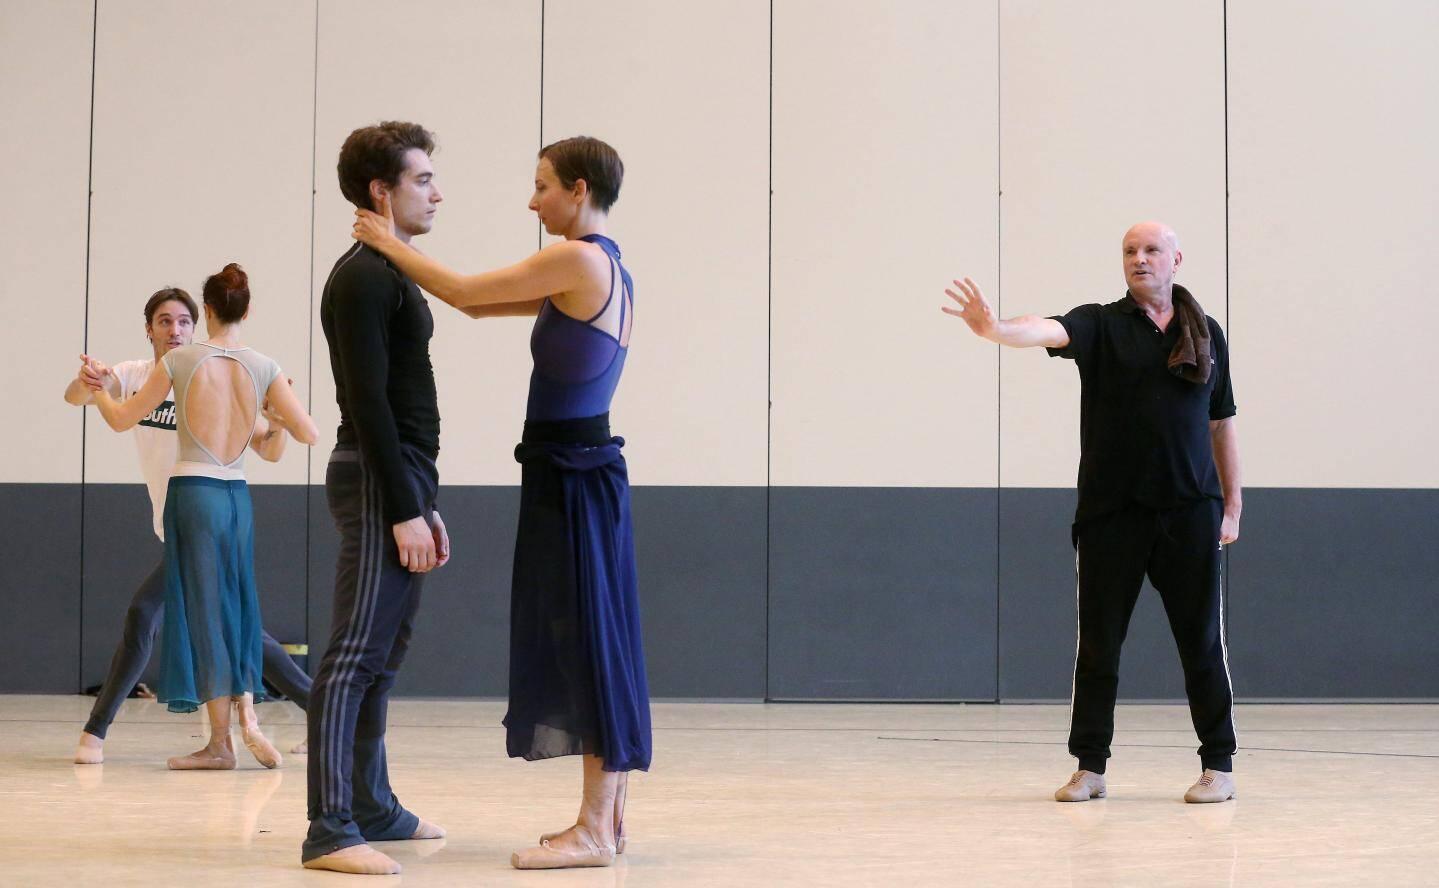 Jean-Christophe Maillot au travail hier matin, avec une partie de sa troupe au cœur du studio de danse de la compagnie.